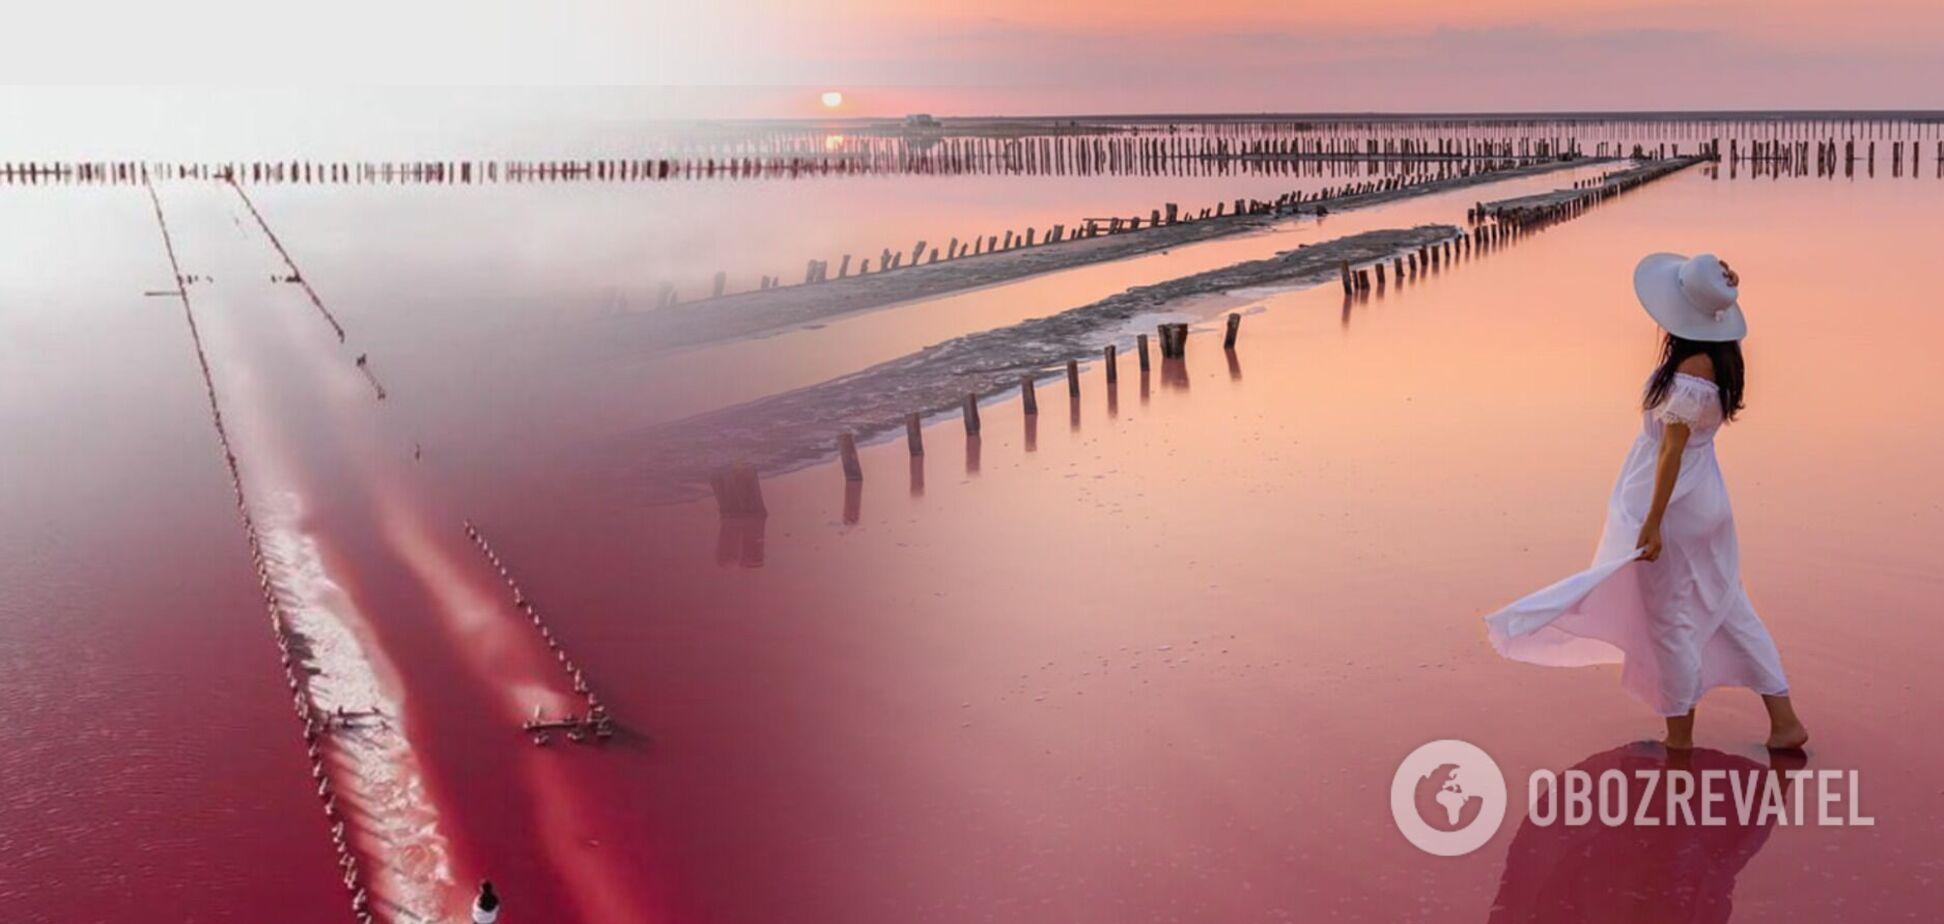 Отдых на Лемурийском озере: сколько стоит, кому полезно и когда ехать. Фото